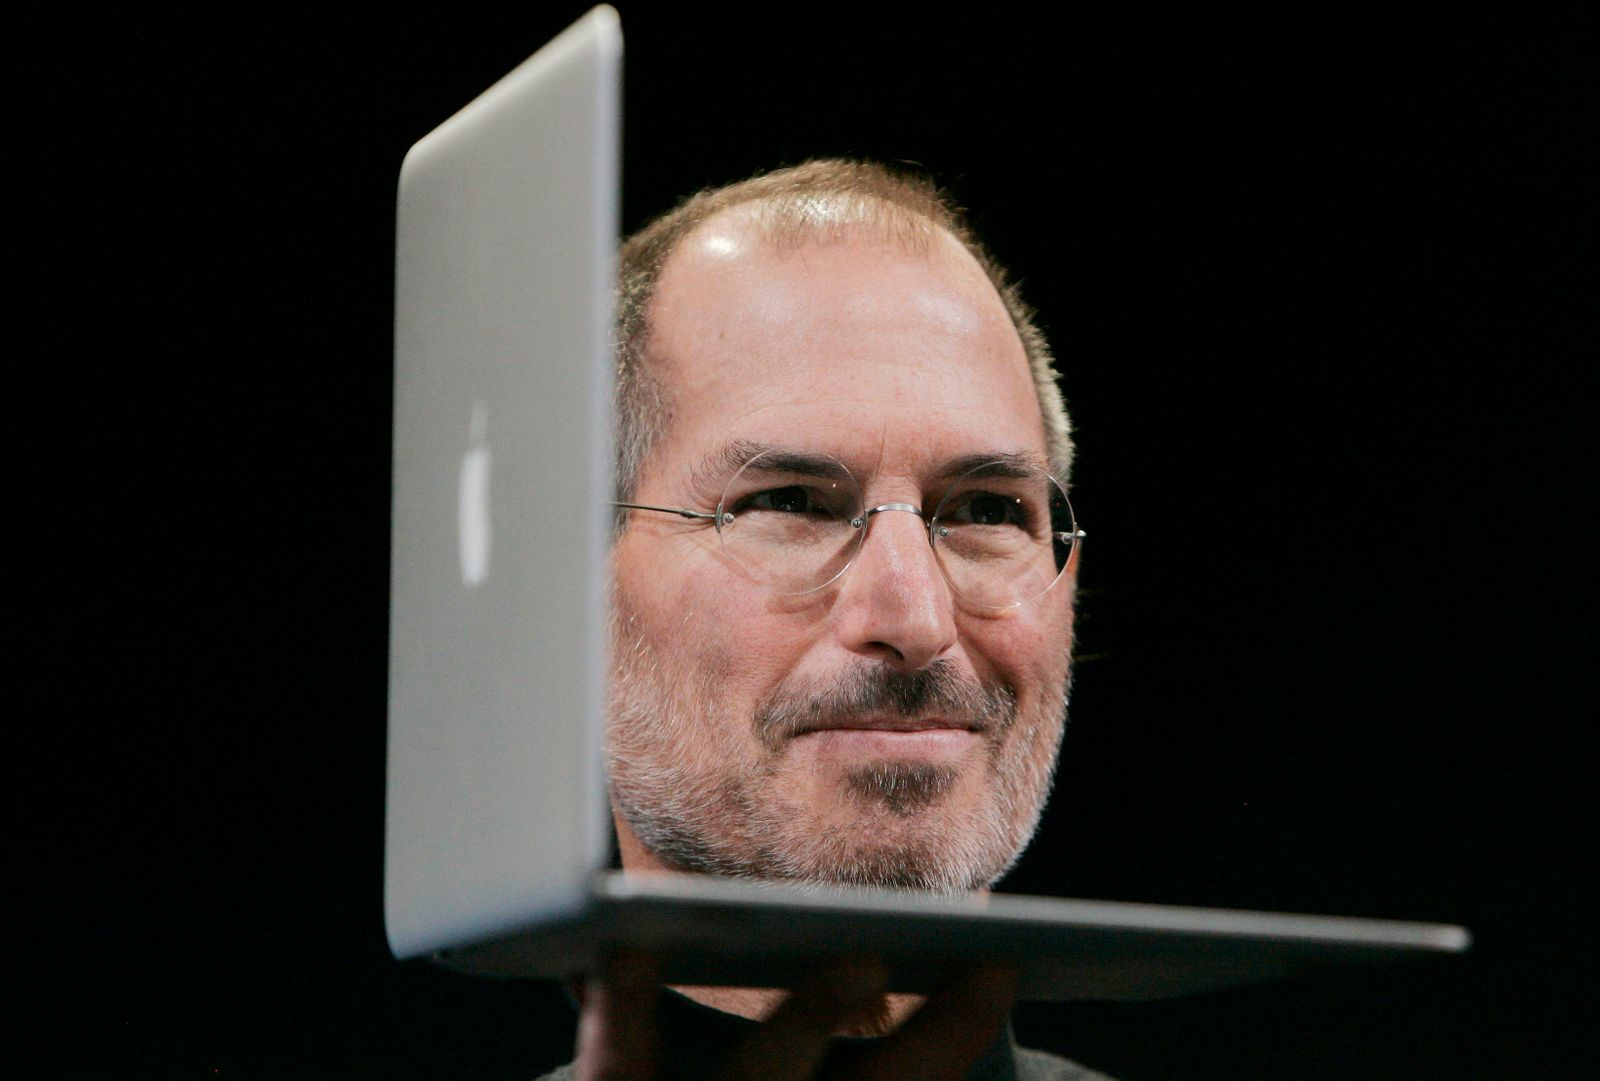 Apple / MacBook Air / Steve Jobs